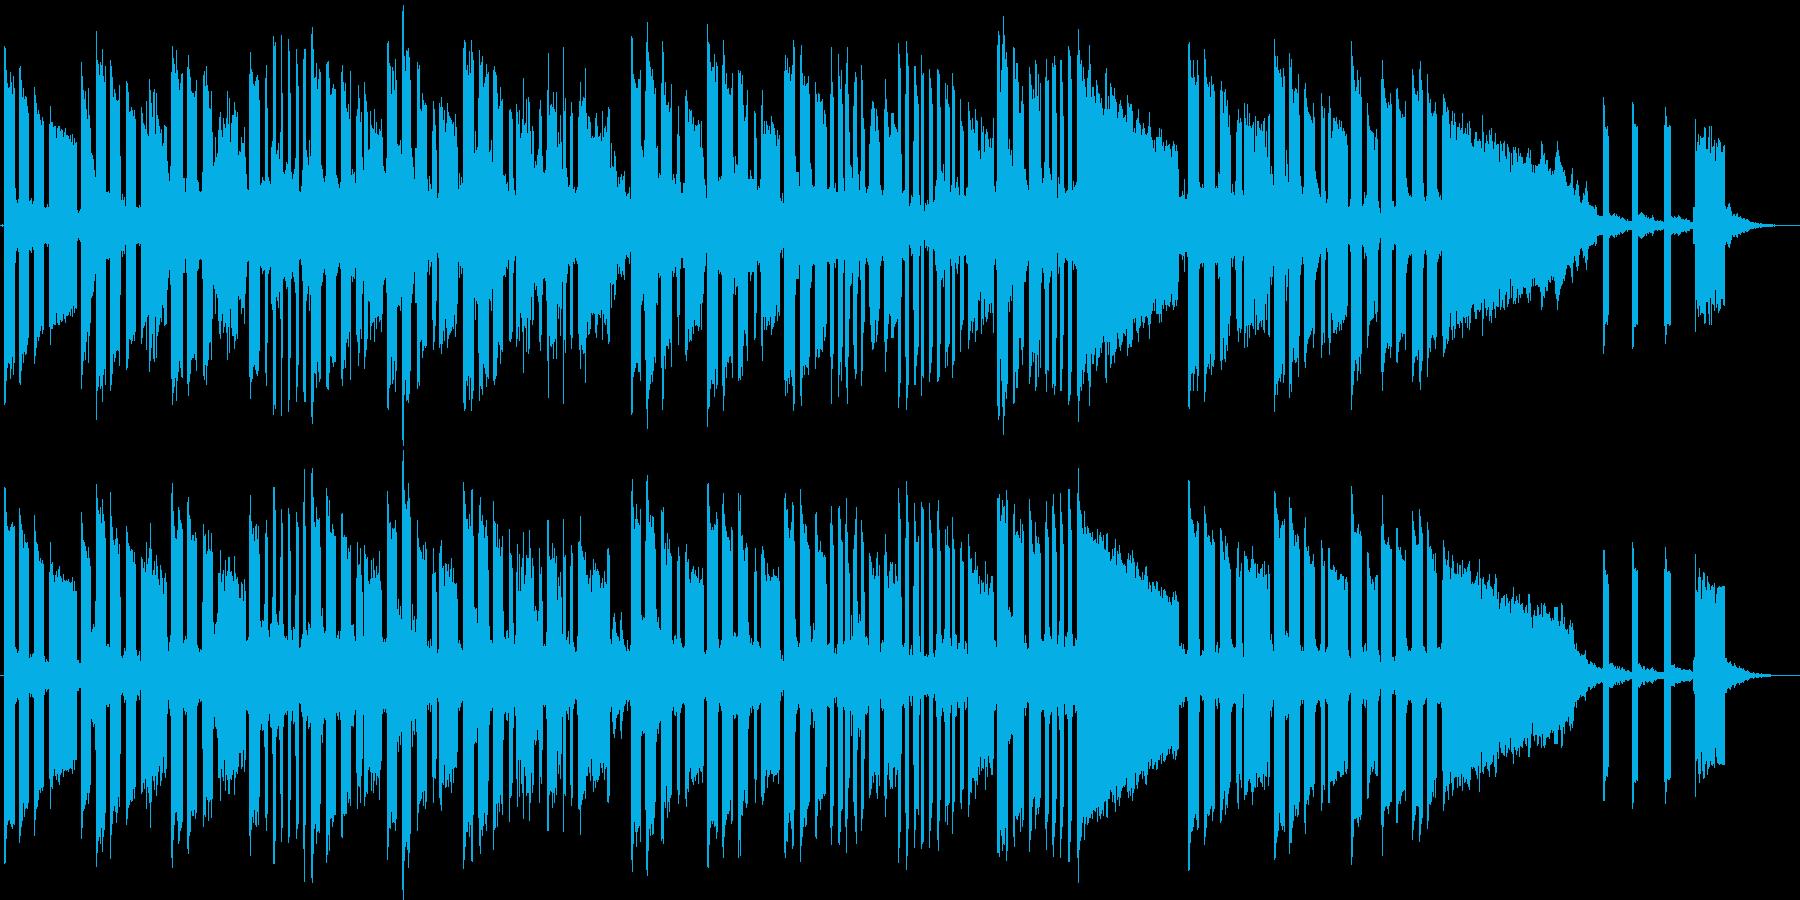 滑稽なシンセベースの不思議なジングルの再生済みの波形